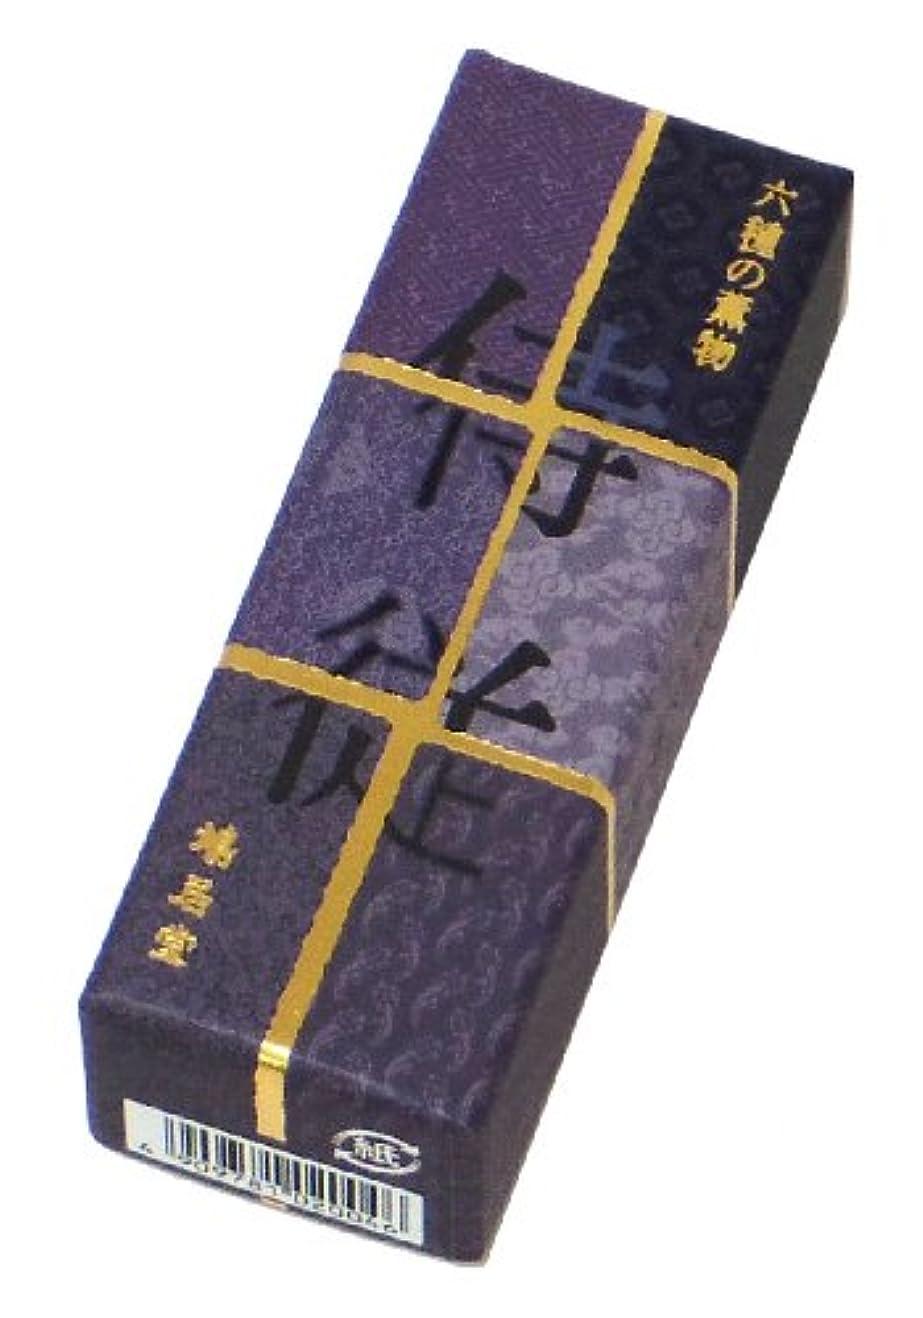 恥くすぐったいスライス鳩居堂のお香 六種の薫物 侍従 20本入 6cm